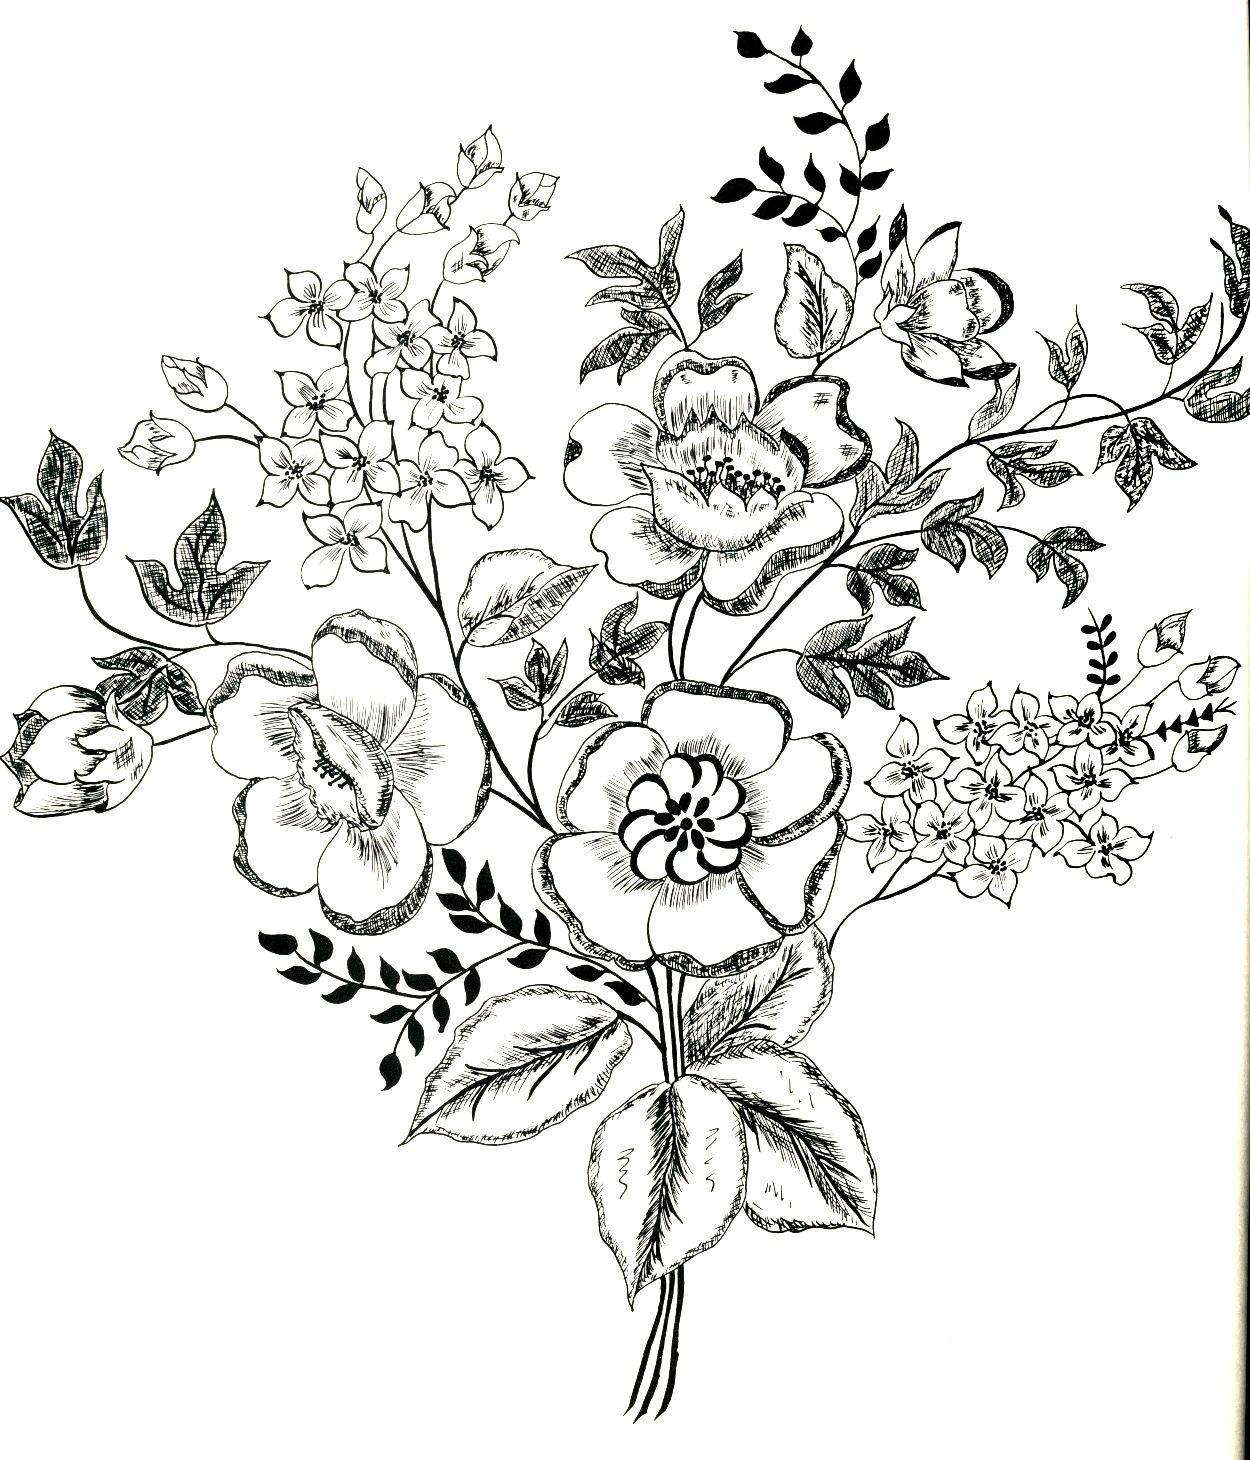 Flowers Line Drawing At Getdrawings